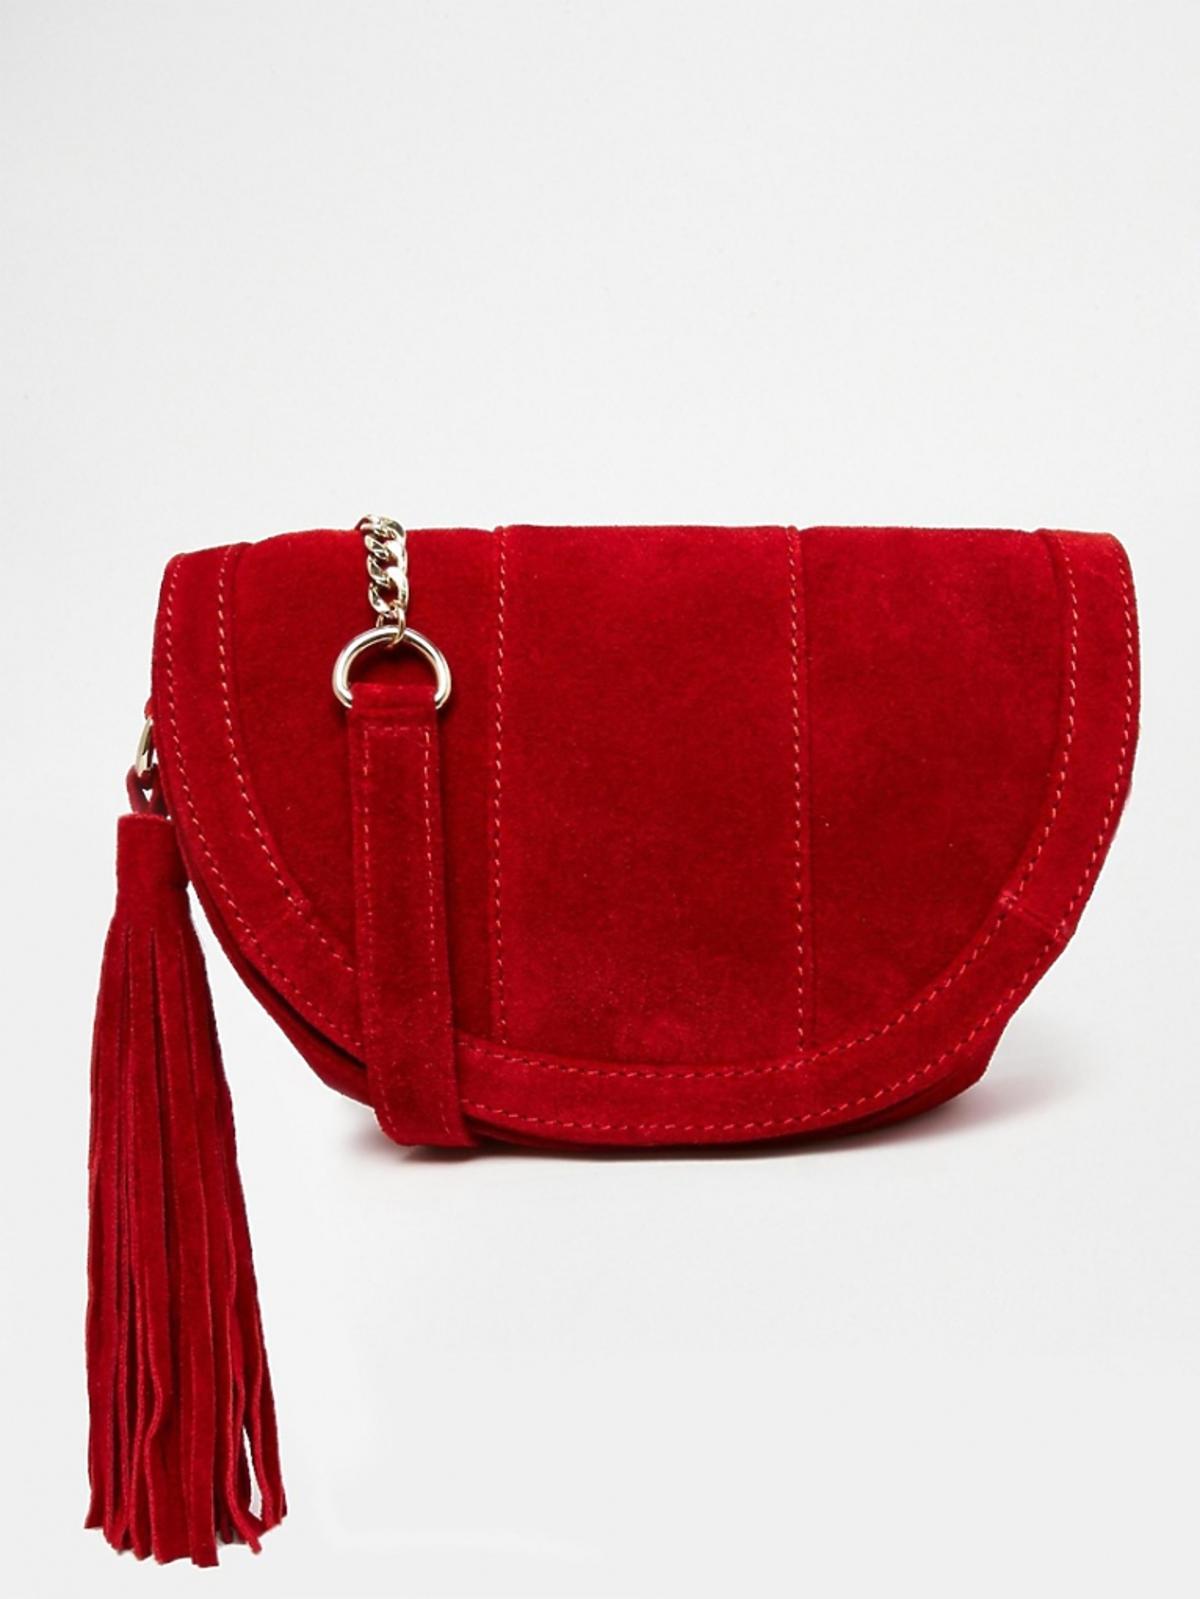 czerwona torba o kształcie półksieżyca